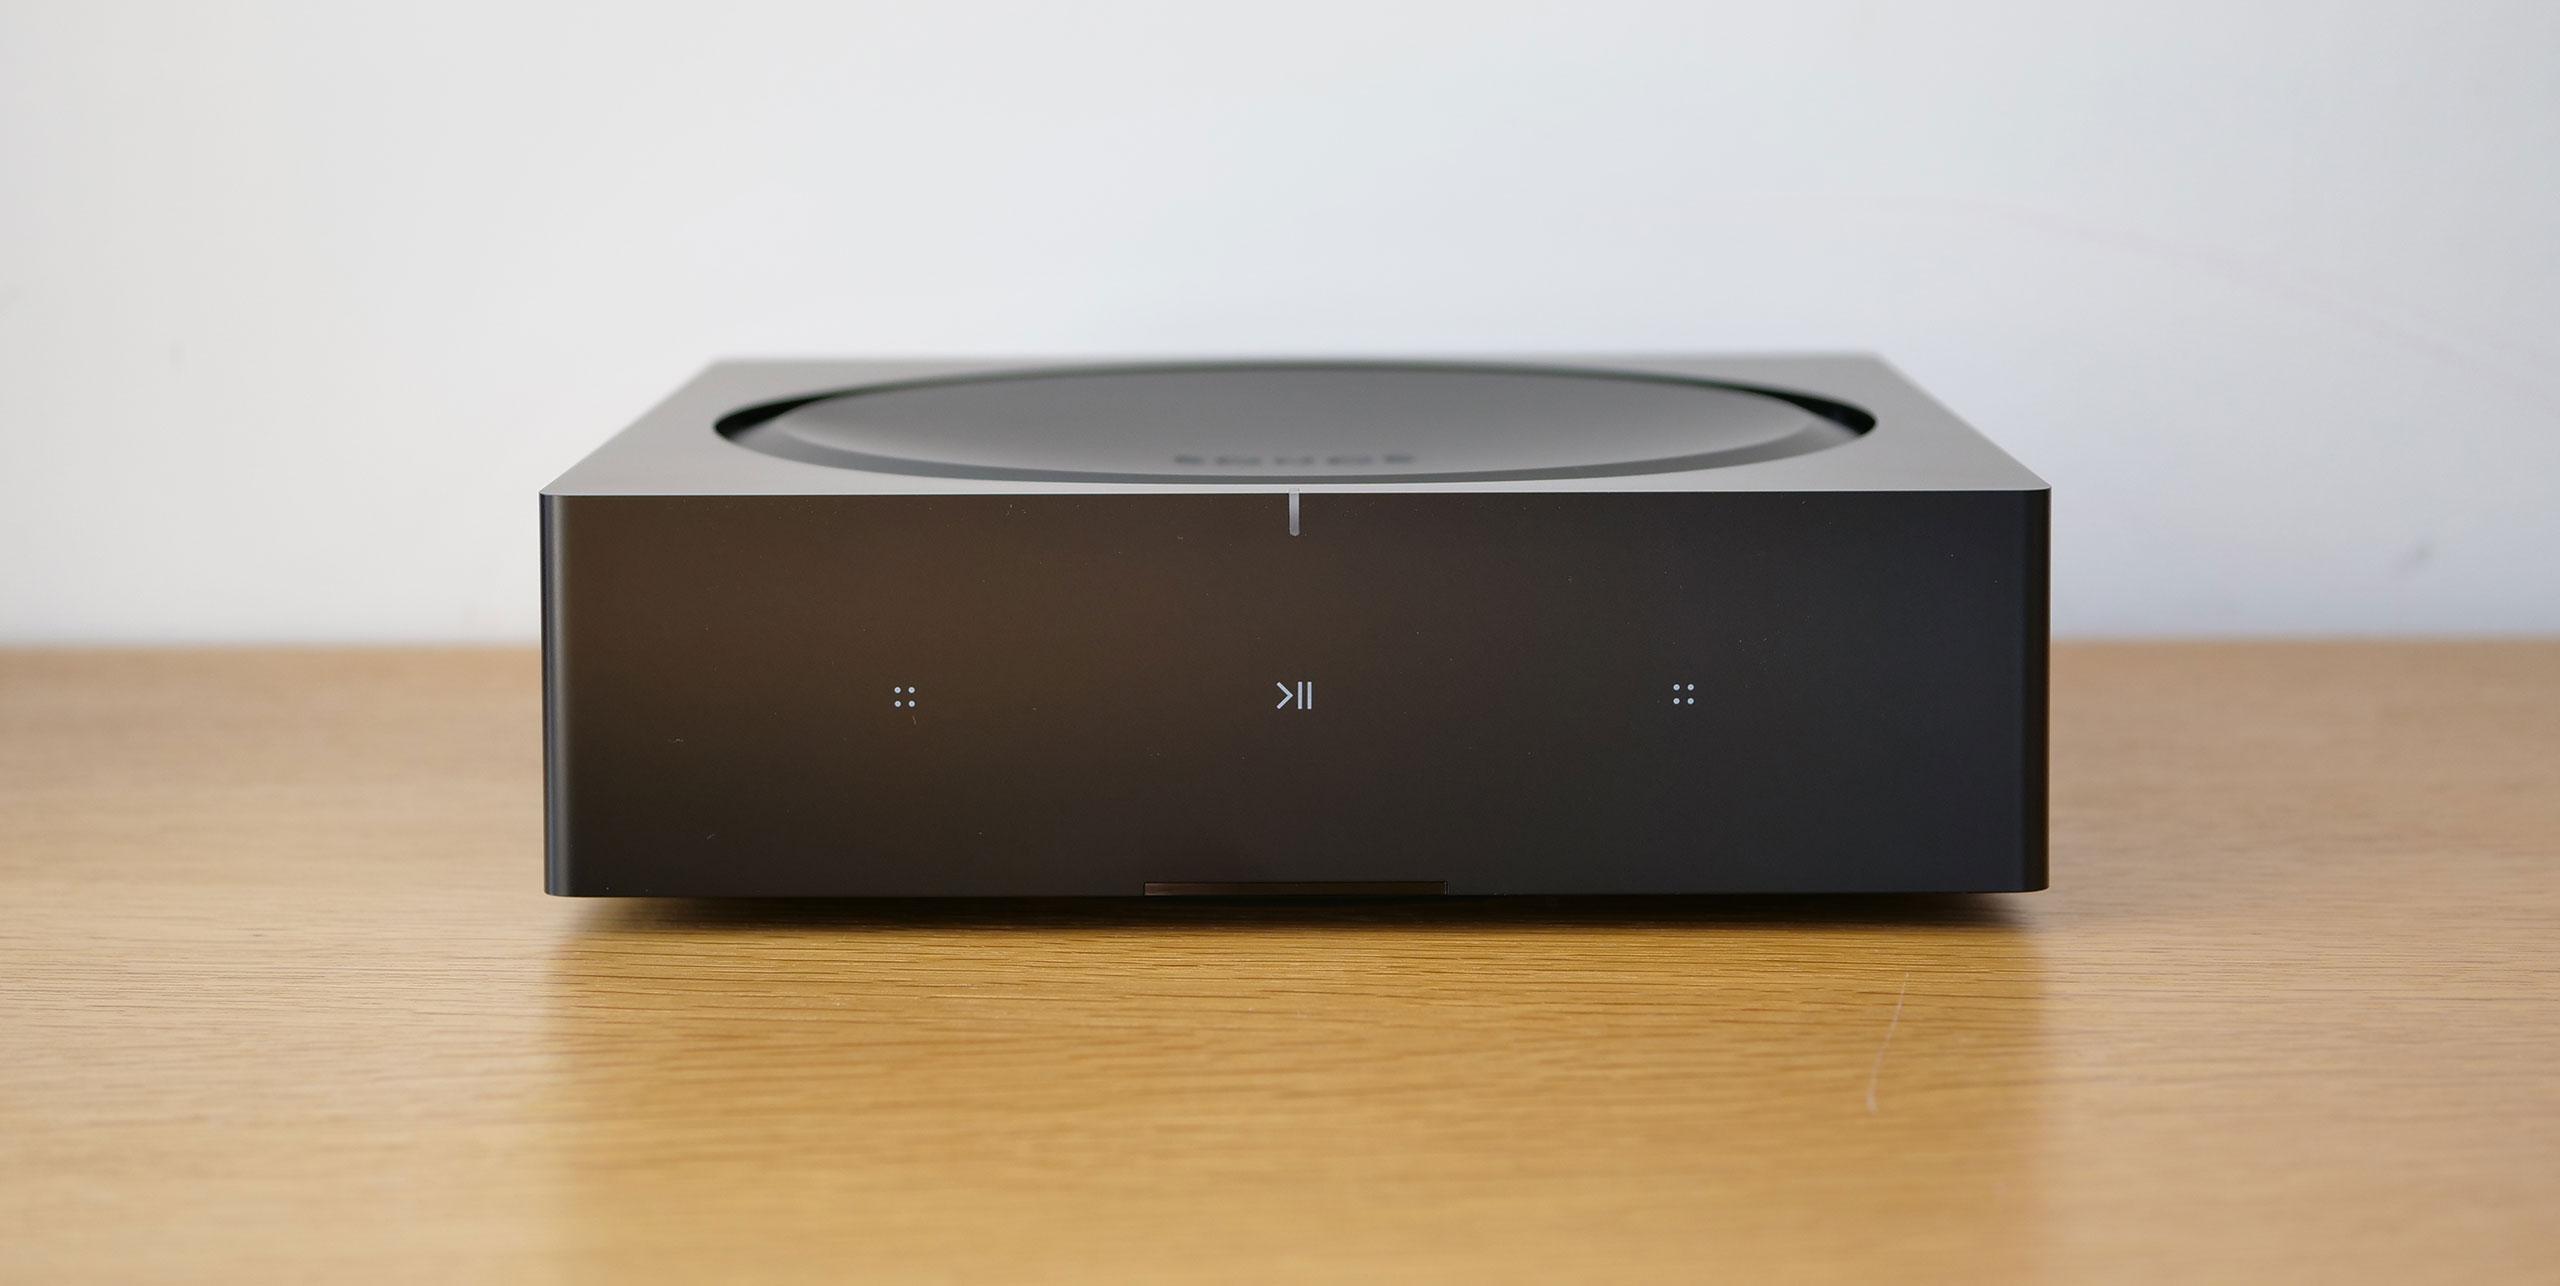 Test du nouveau Sonos Amp : un amplificateur réseau à fonctions multiples pour la sonorisation, la HiFi et le home cinéma